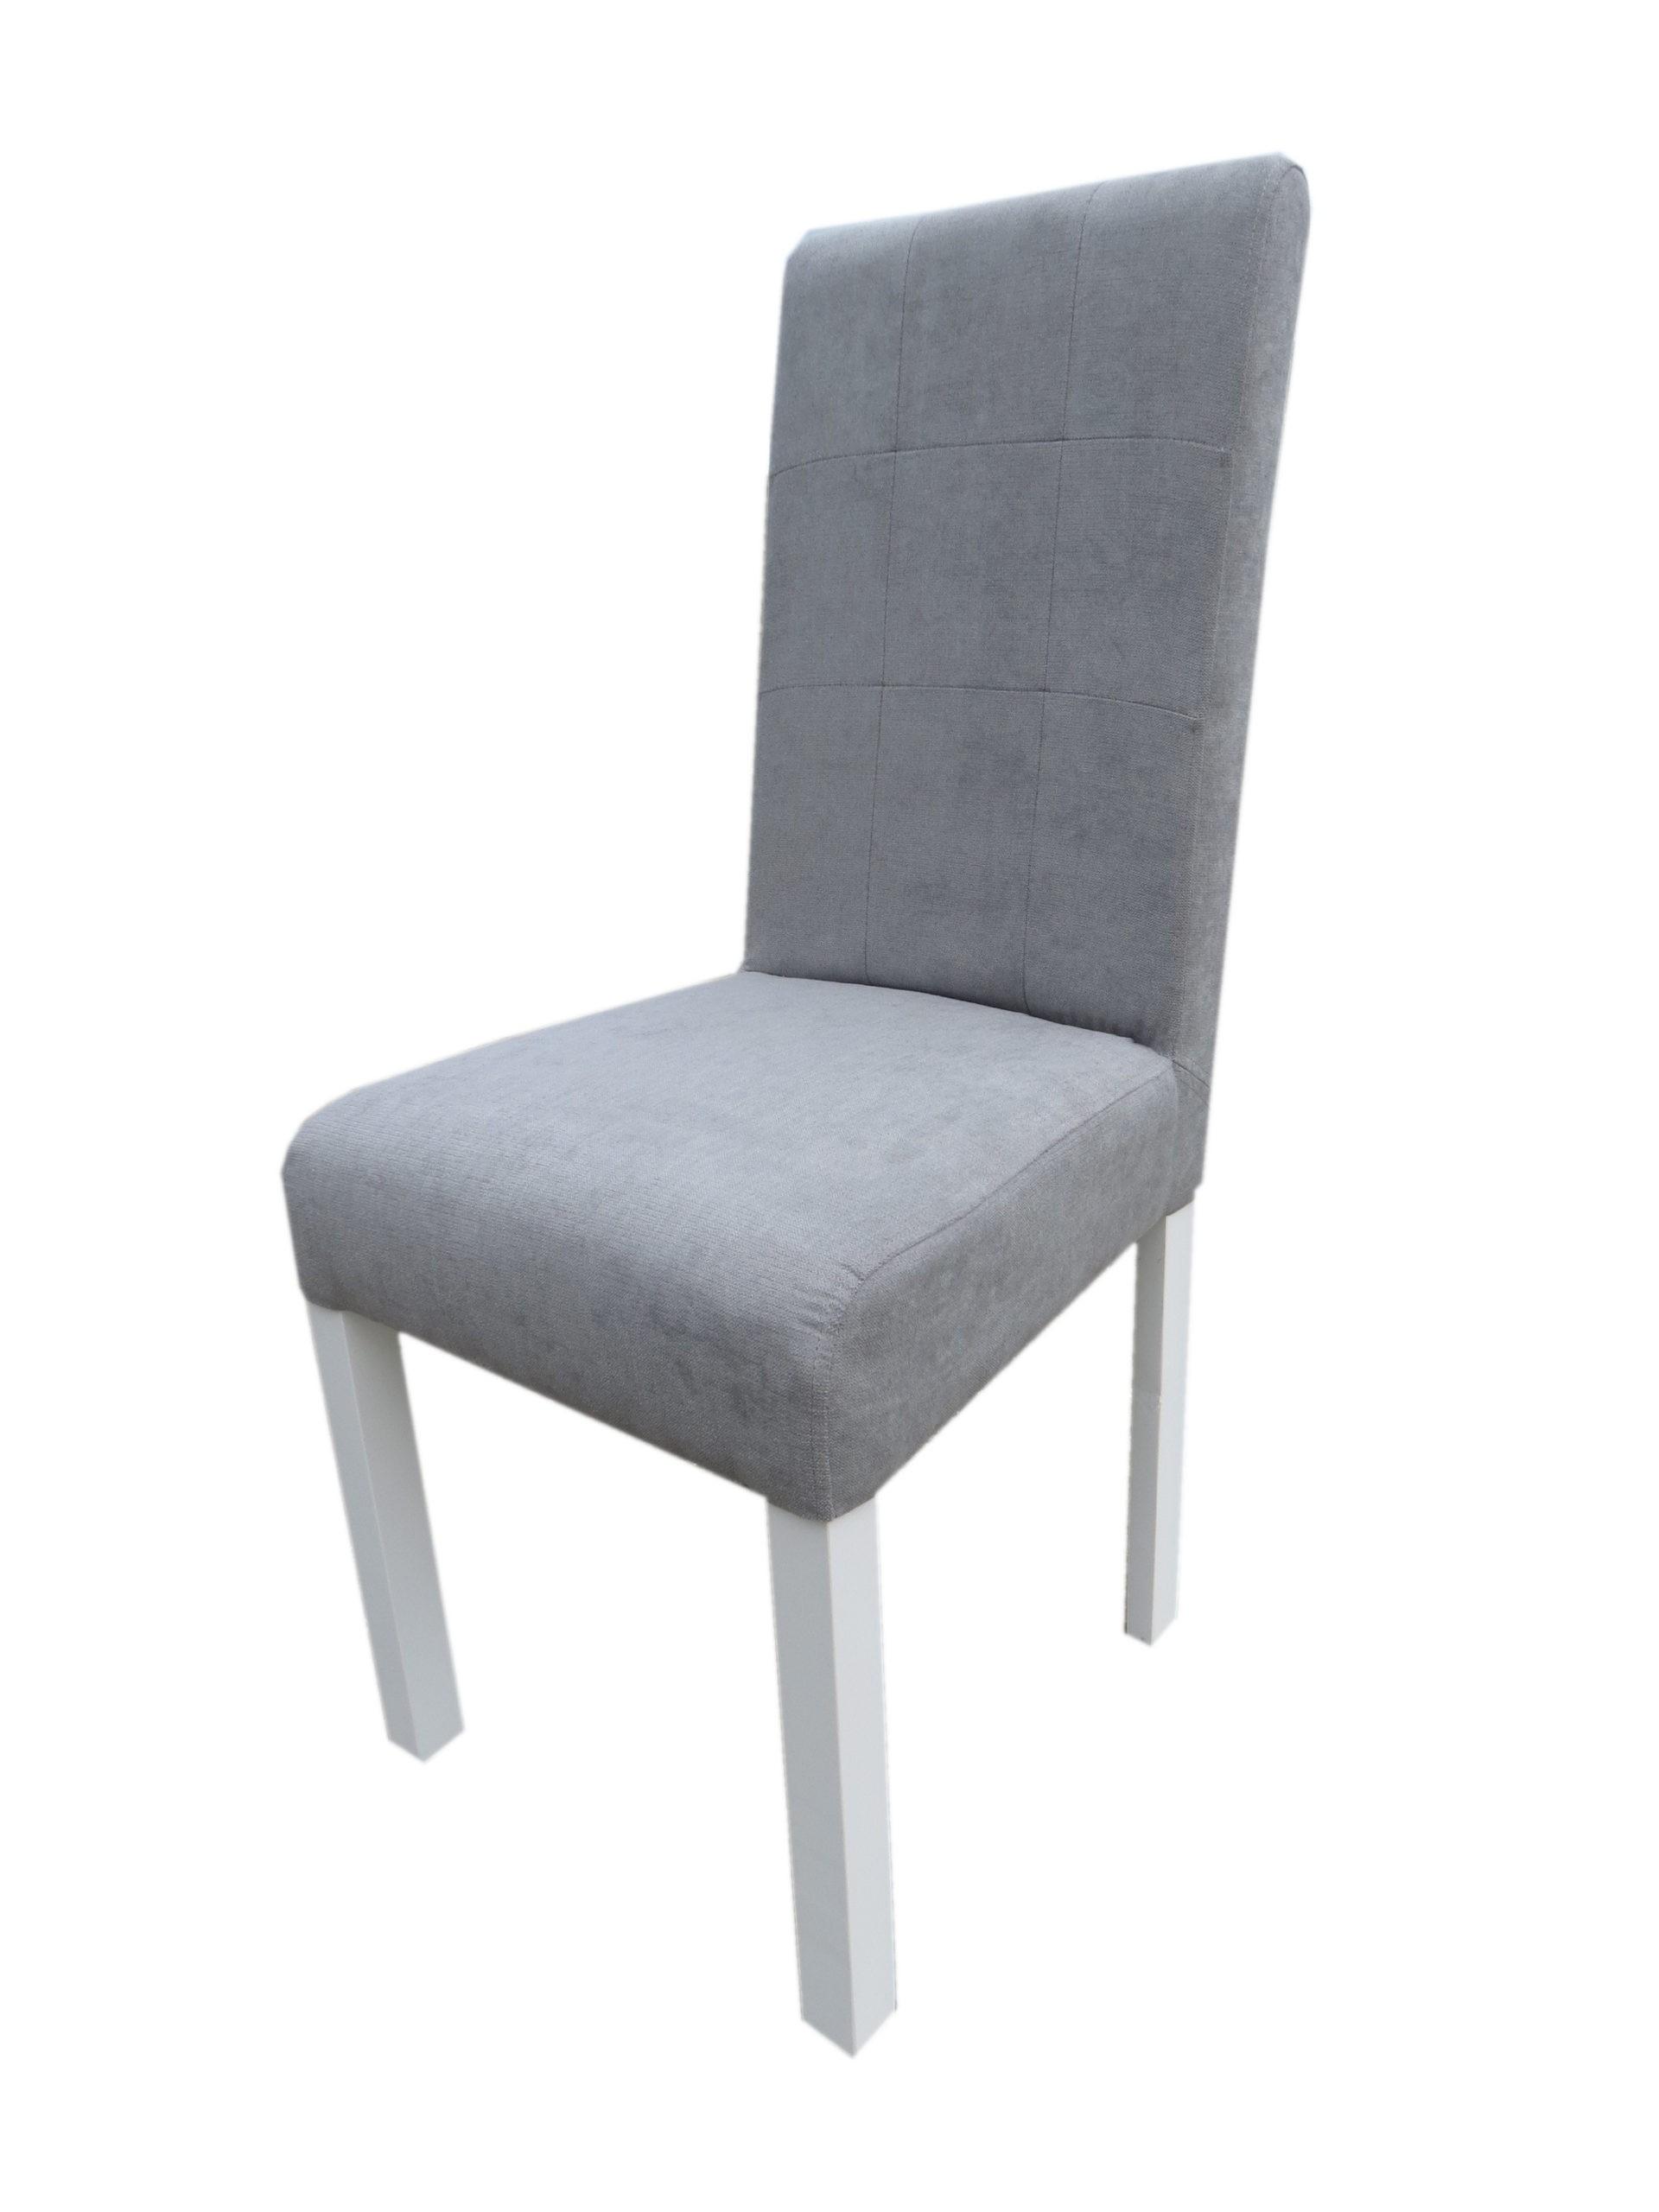 Tanie krzesło tapicerowane MR 111